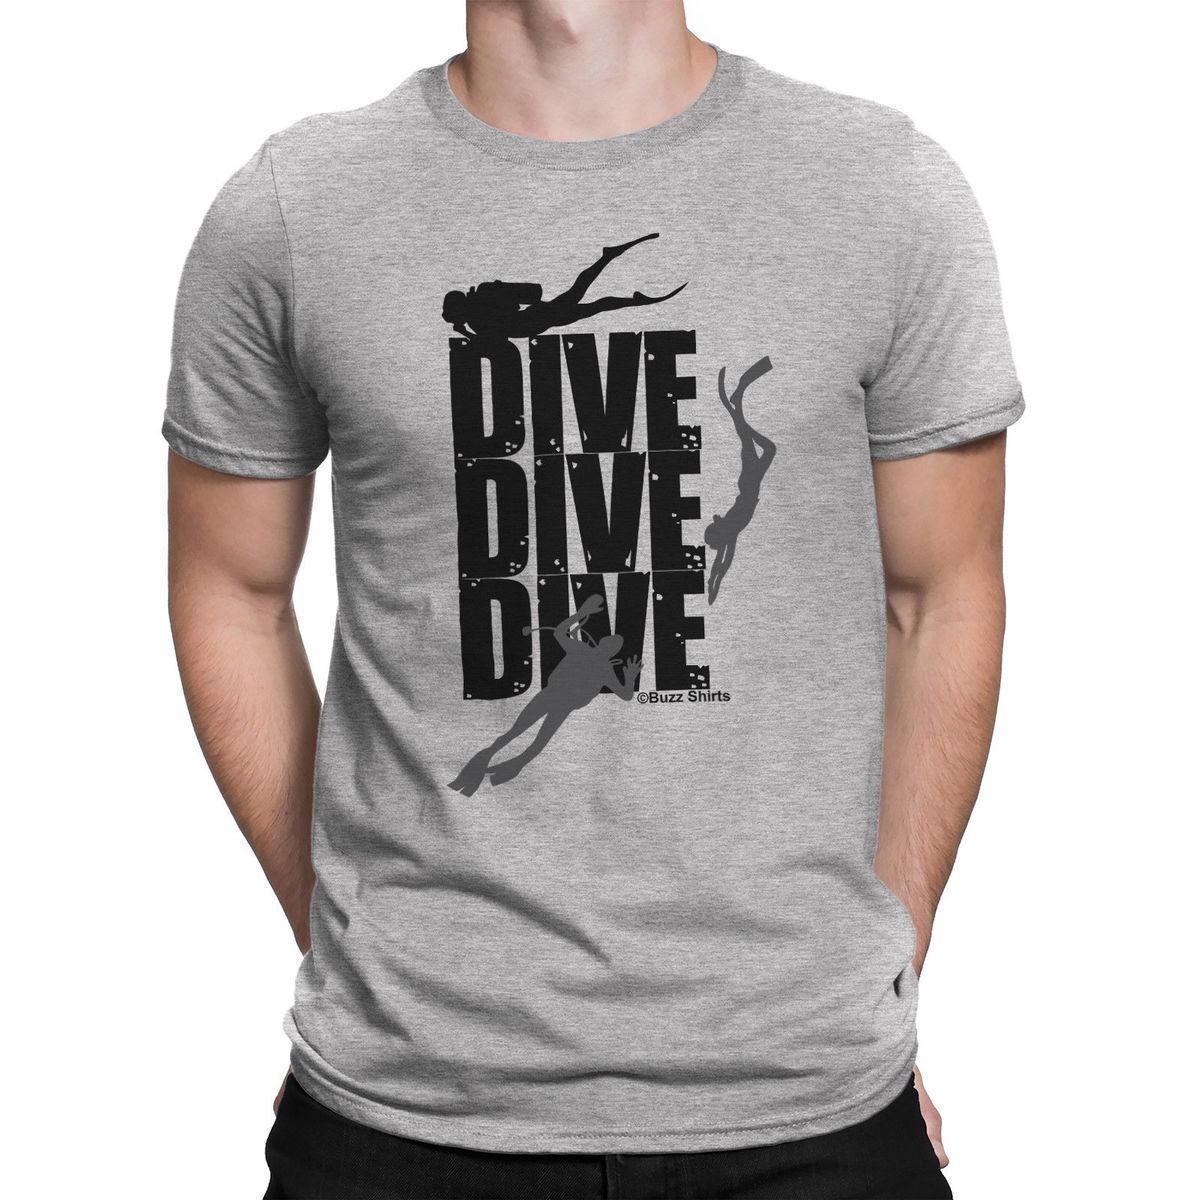 b3c71e045f28d Acheter Plongée Plongée Hommes Scuba Diver T Shirt Sous Marine Loisirs Shirt  Coton Hight Qualité Homme T Shirt Nouveau 2018 Drôle De $12.08 Du Amesion50  ...